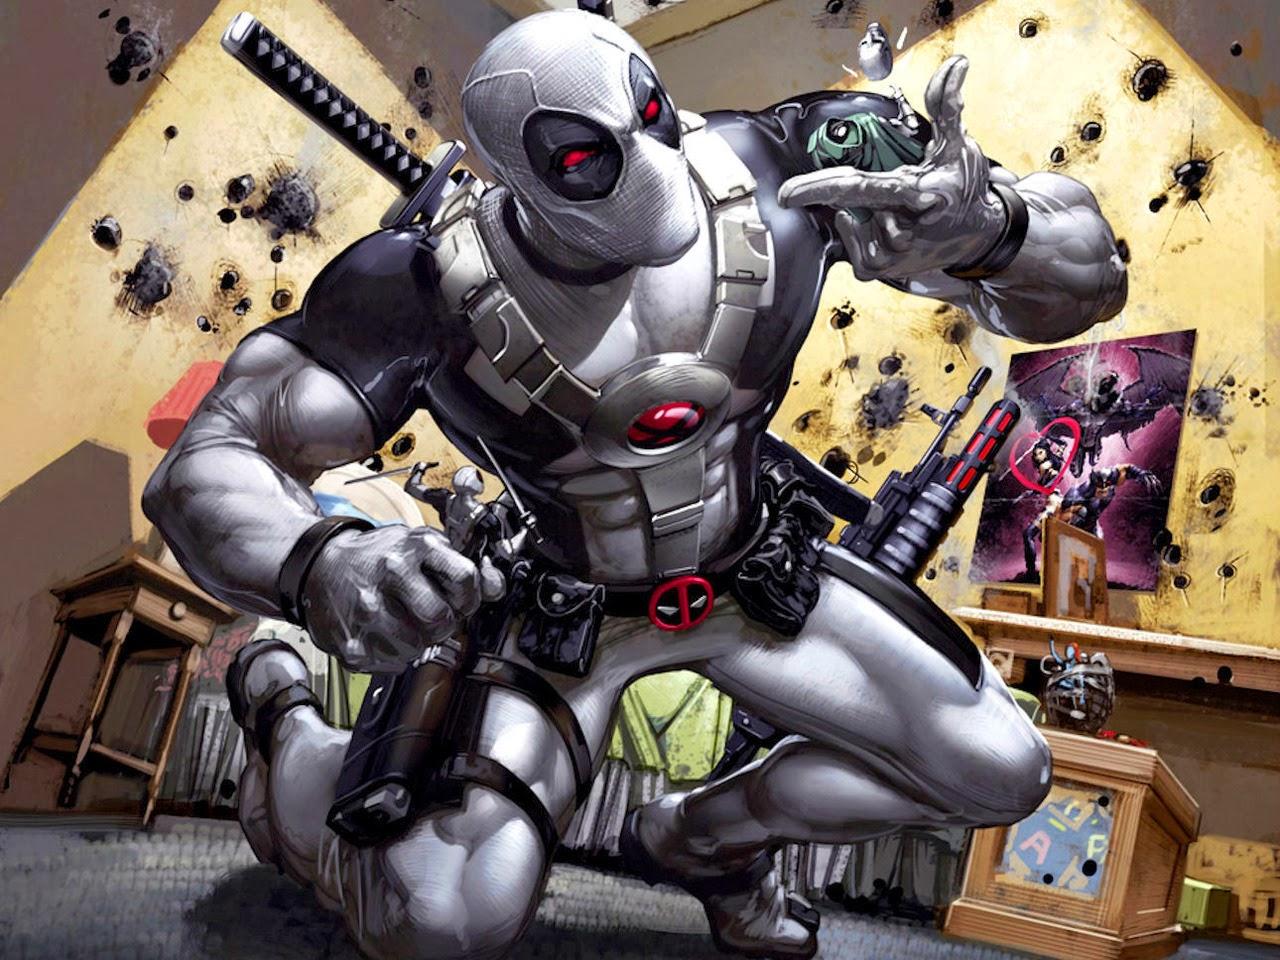 ORGENES Deadpool Masacre El Mercenario Bocazas Comicrtico 1280x960